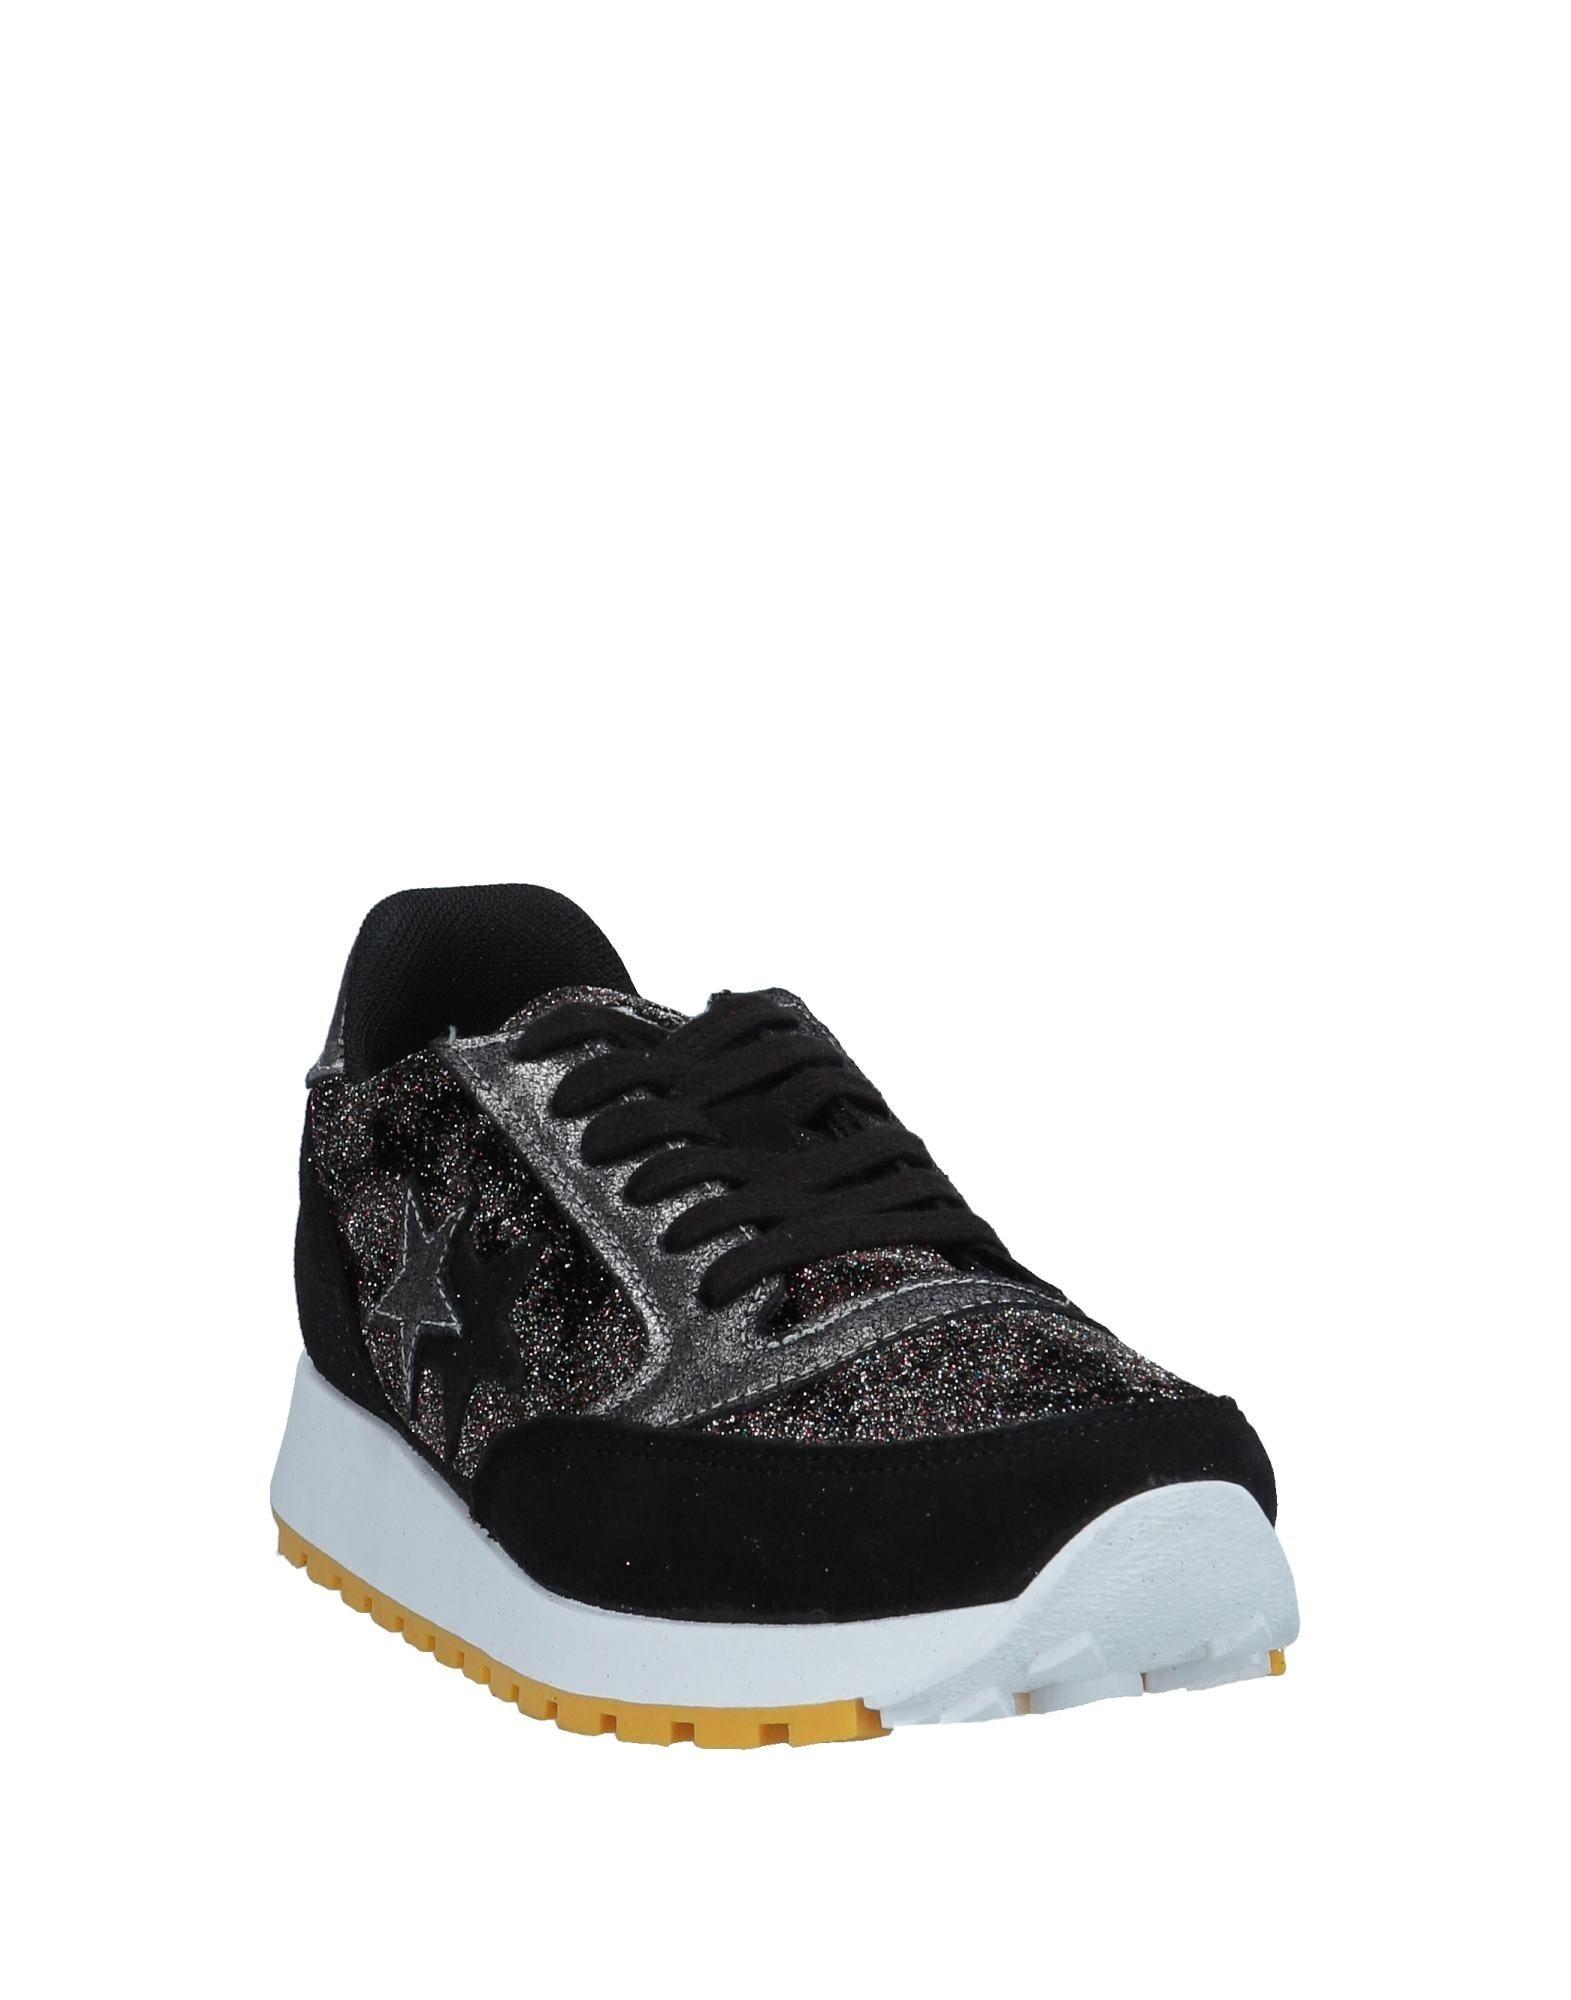 2Star Sneakers Damen Damen Sneakers  11549900NH  cd6d73